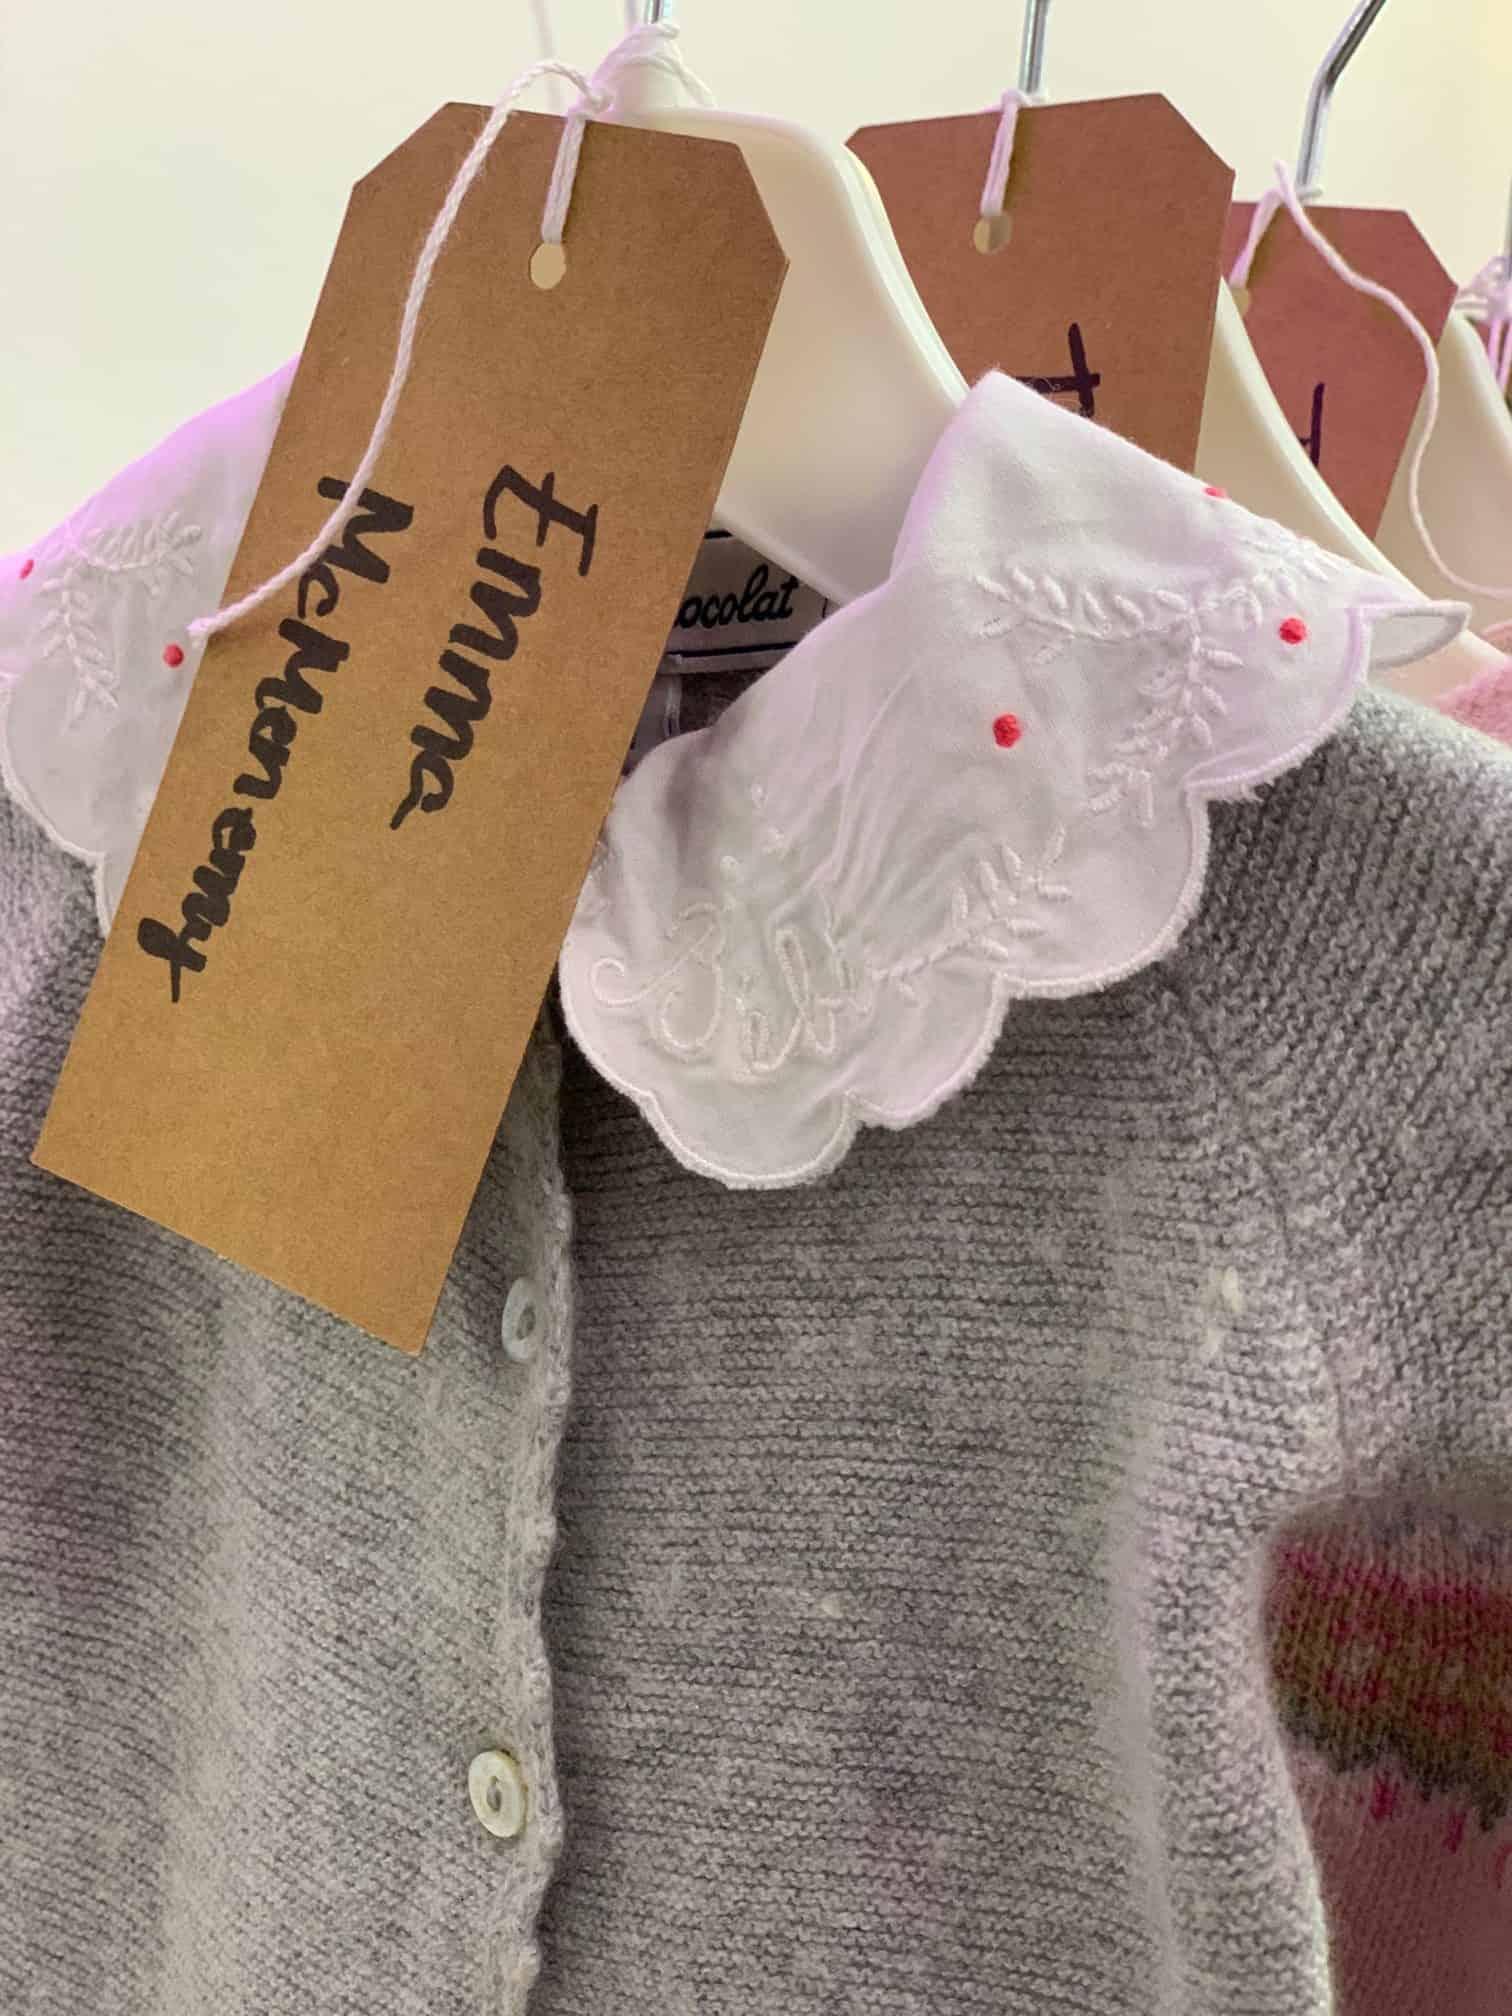 kidswear collective pre-loved children's fashion